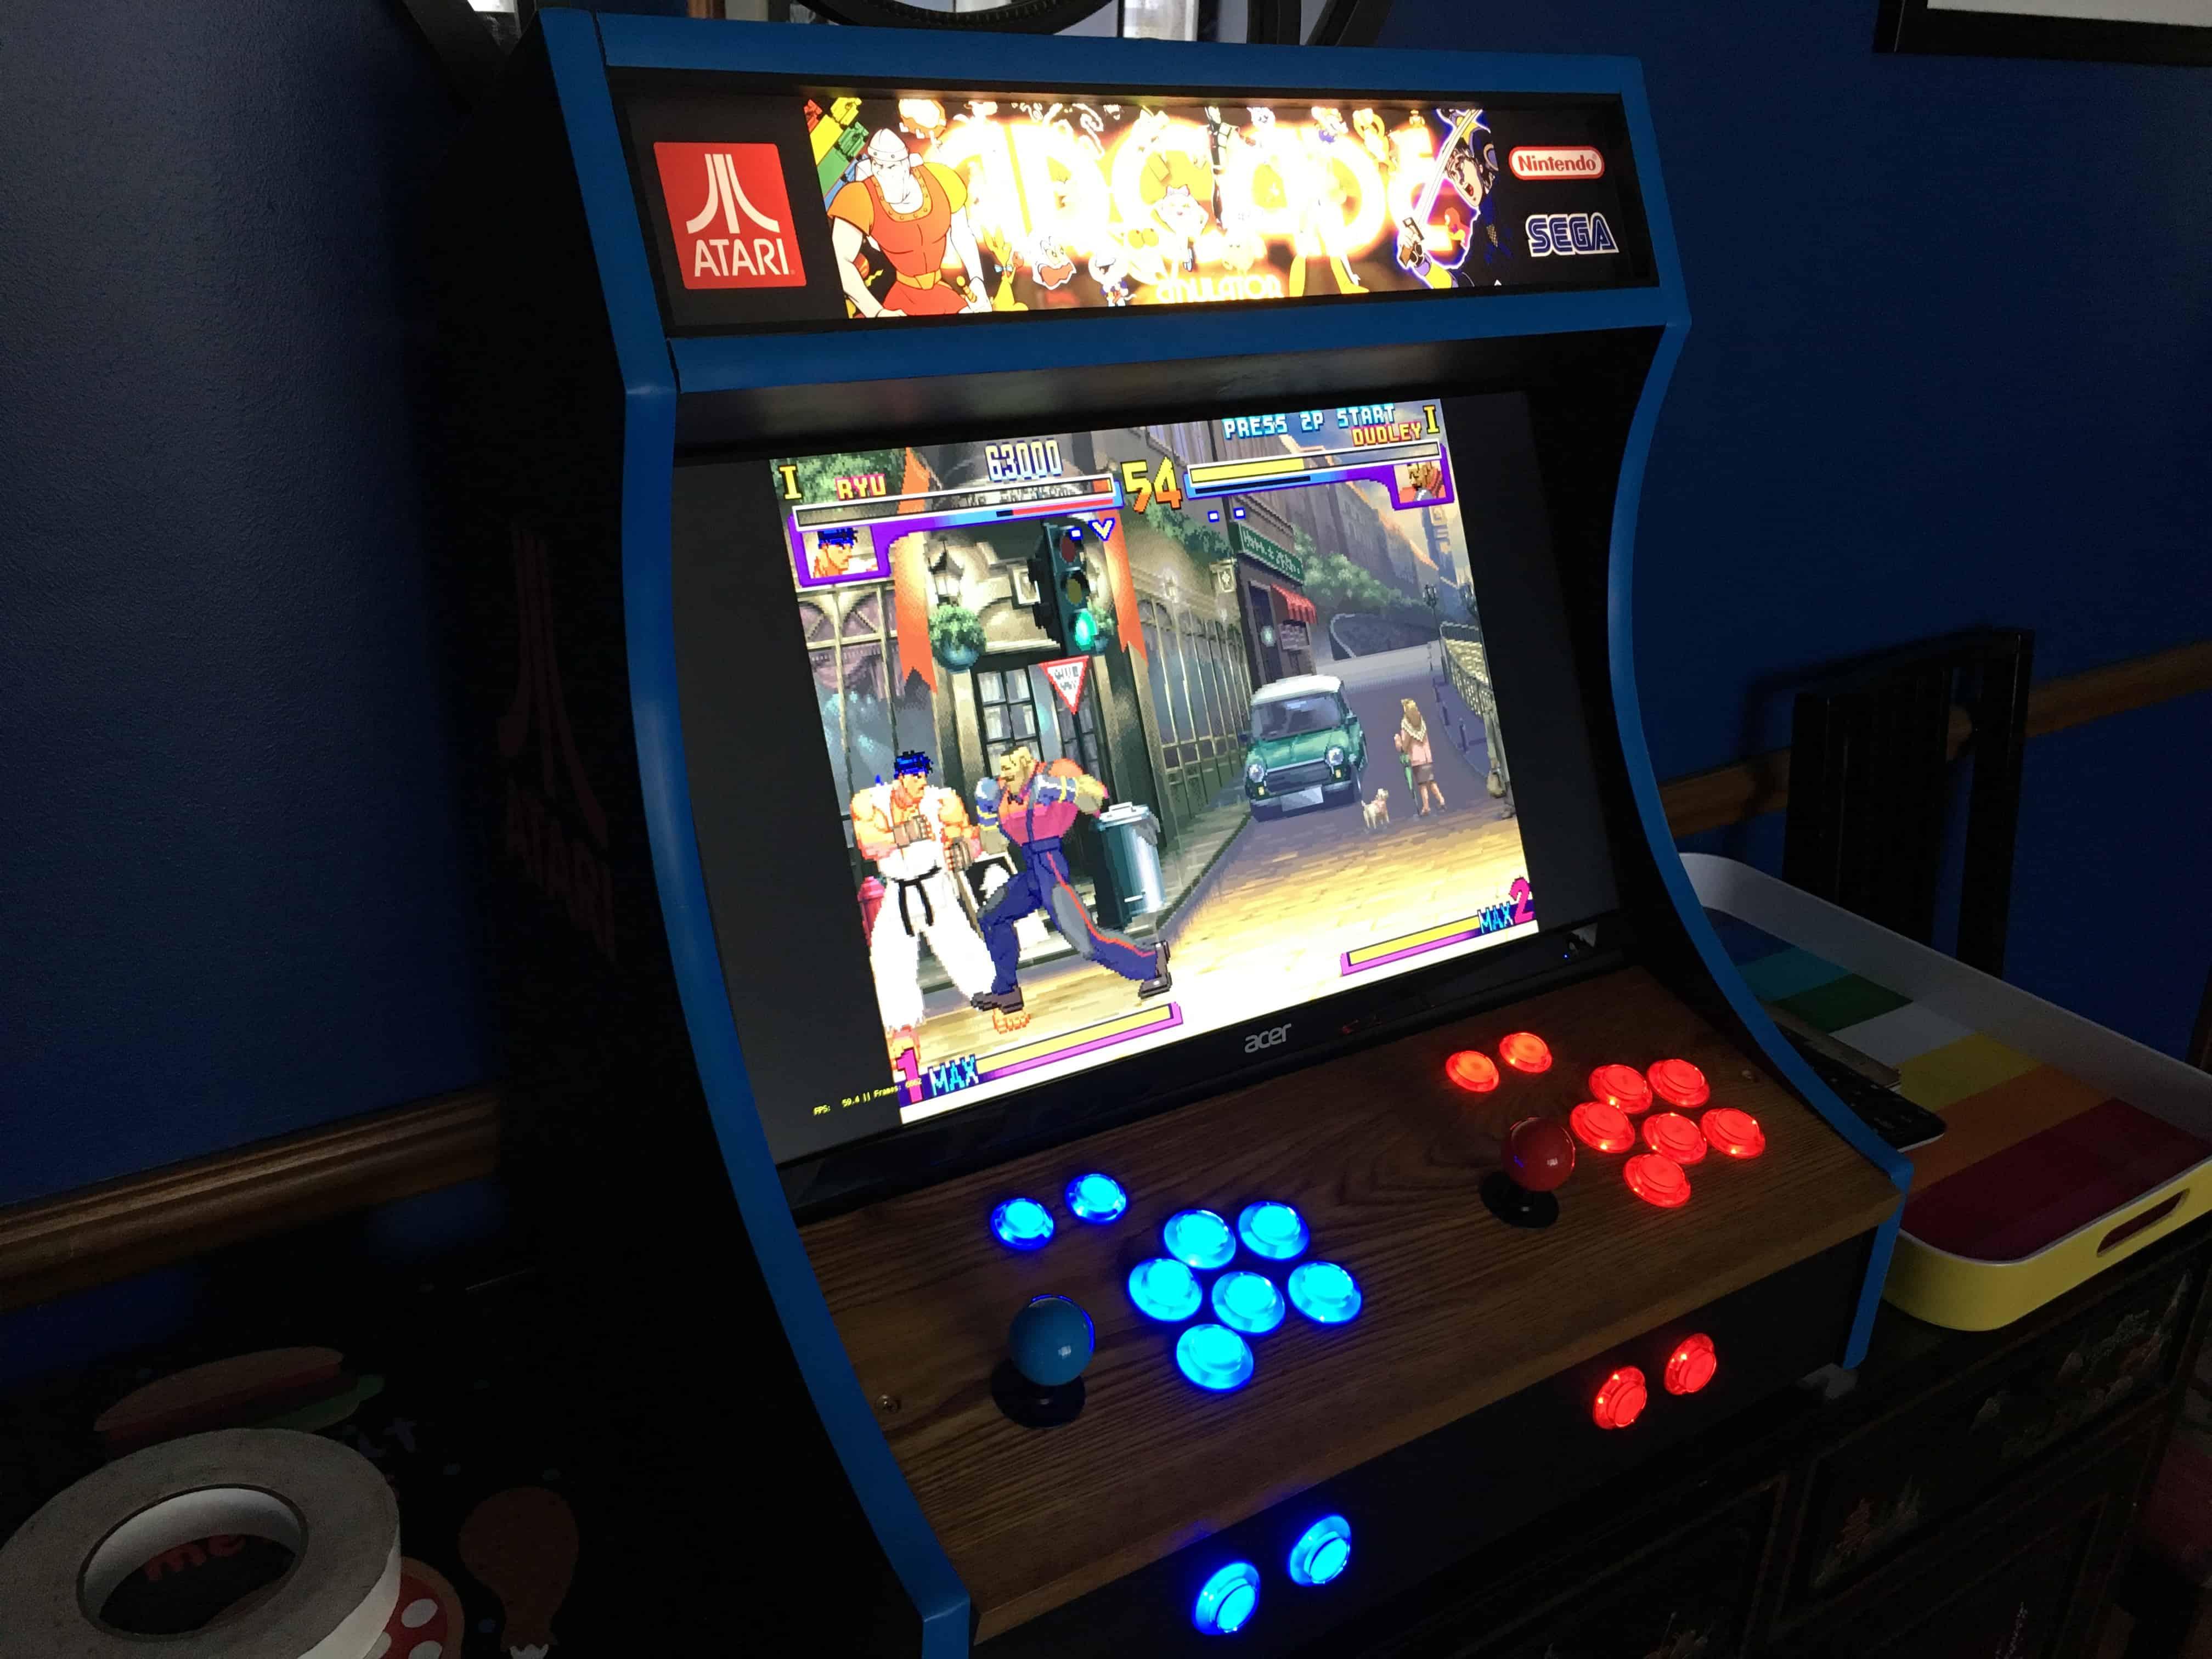 Arcade Plans - Build an Arcade Cabinet! - The Geek Pub